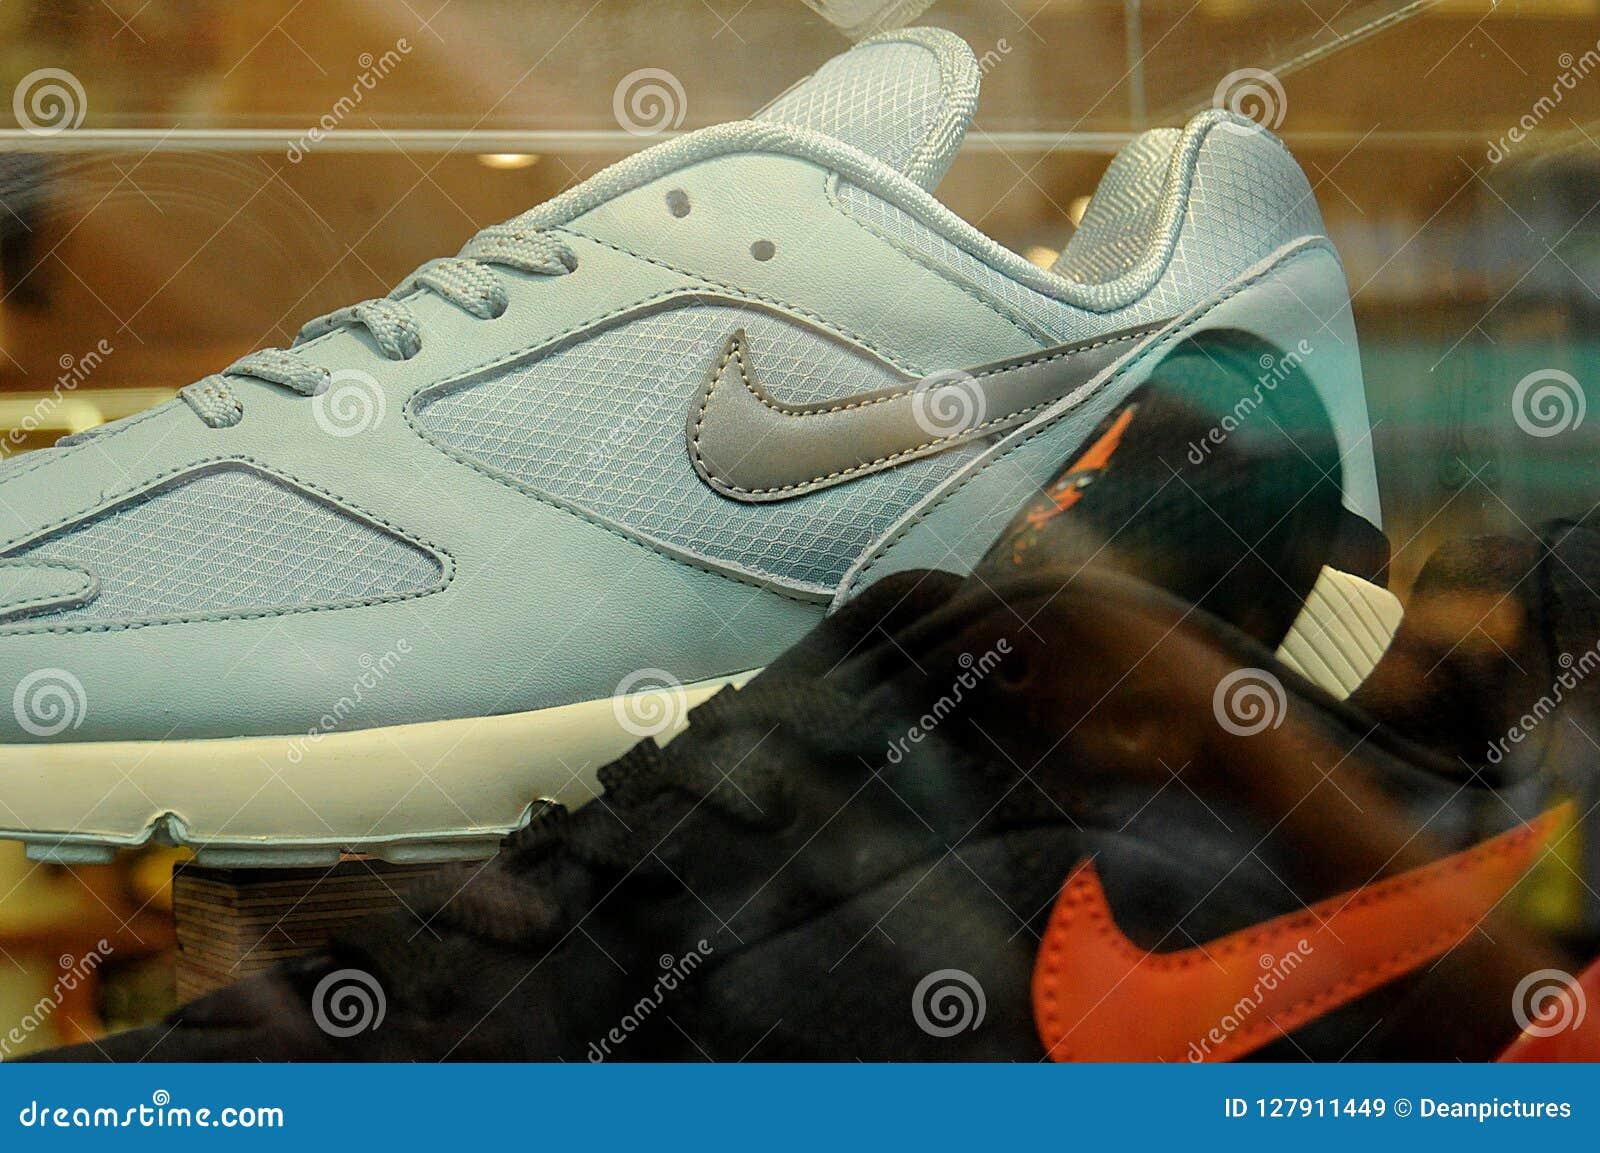 outlet store sale 43816 0f904 Copenhagen Denmark 04 October 2018.. Nike footwear dismplay in nike footwear  in danish capital, Copenhagen Denmark. . Photo.